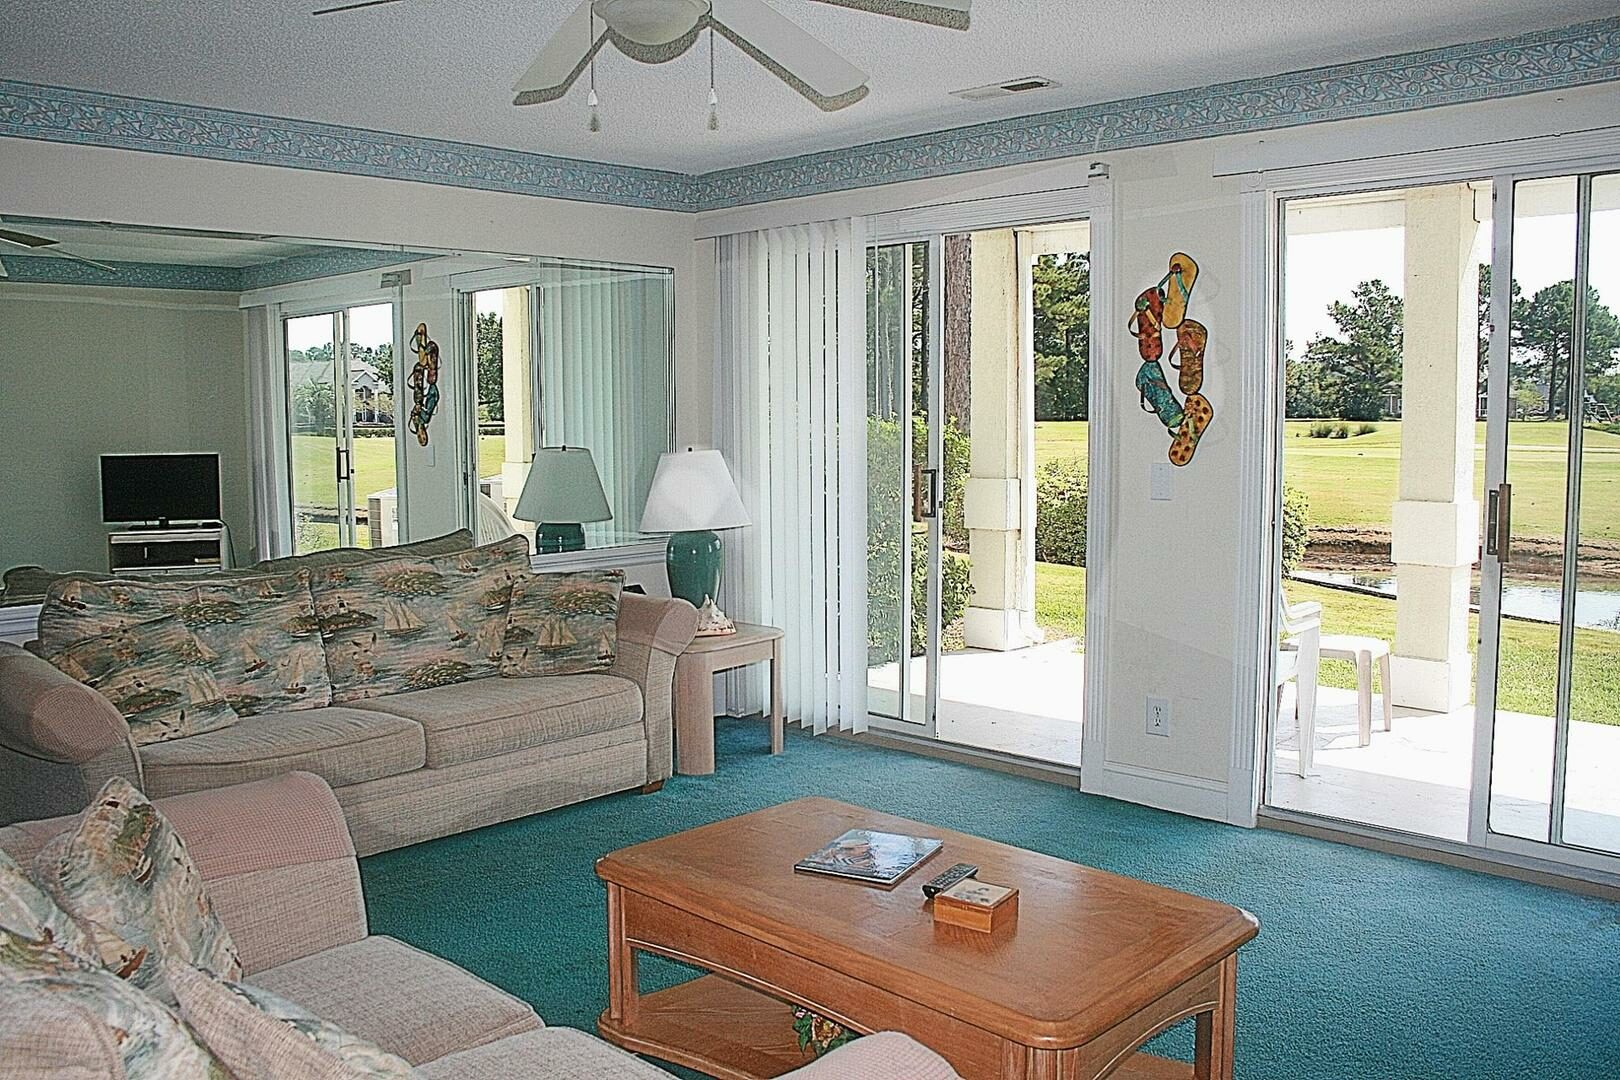 202 2 Bedroom/2 Bath Villa